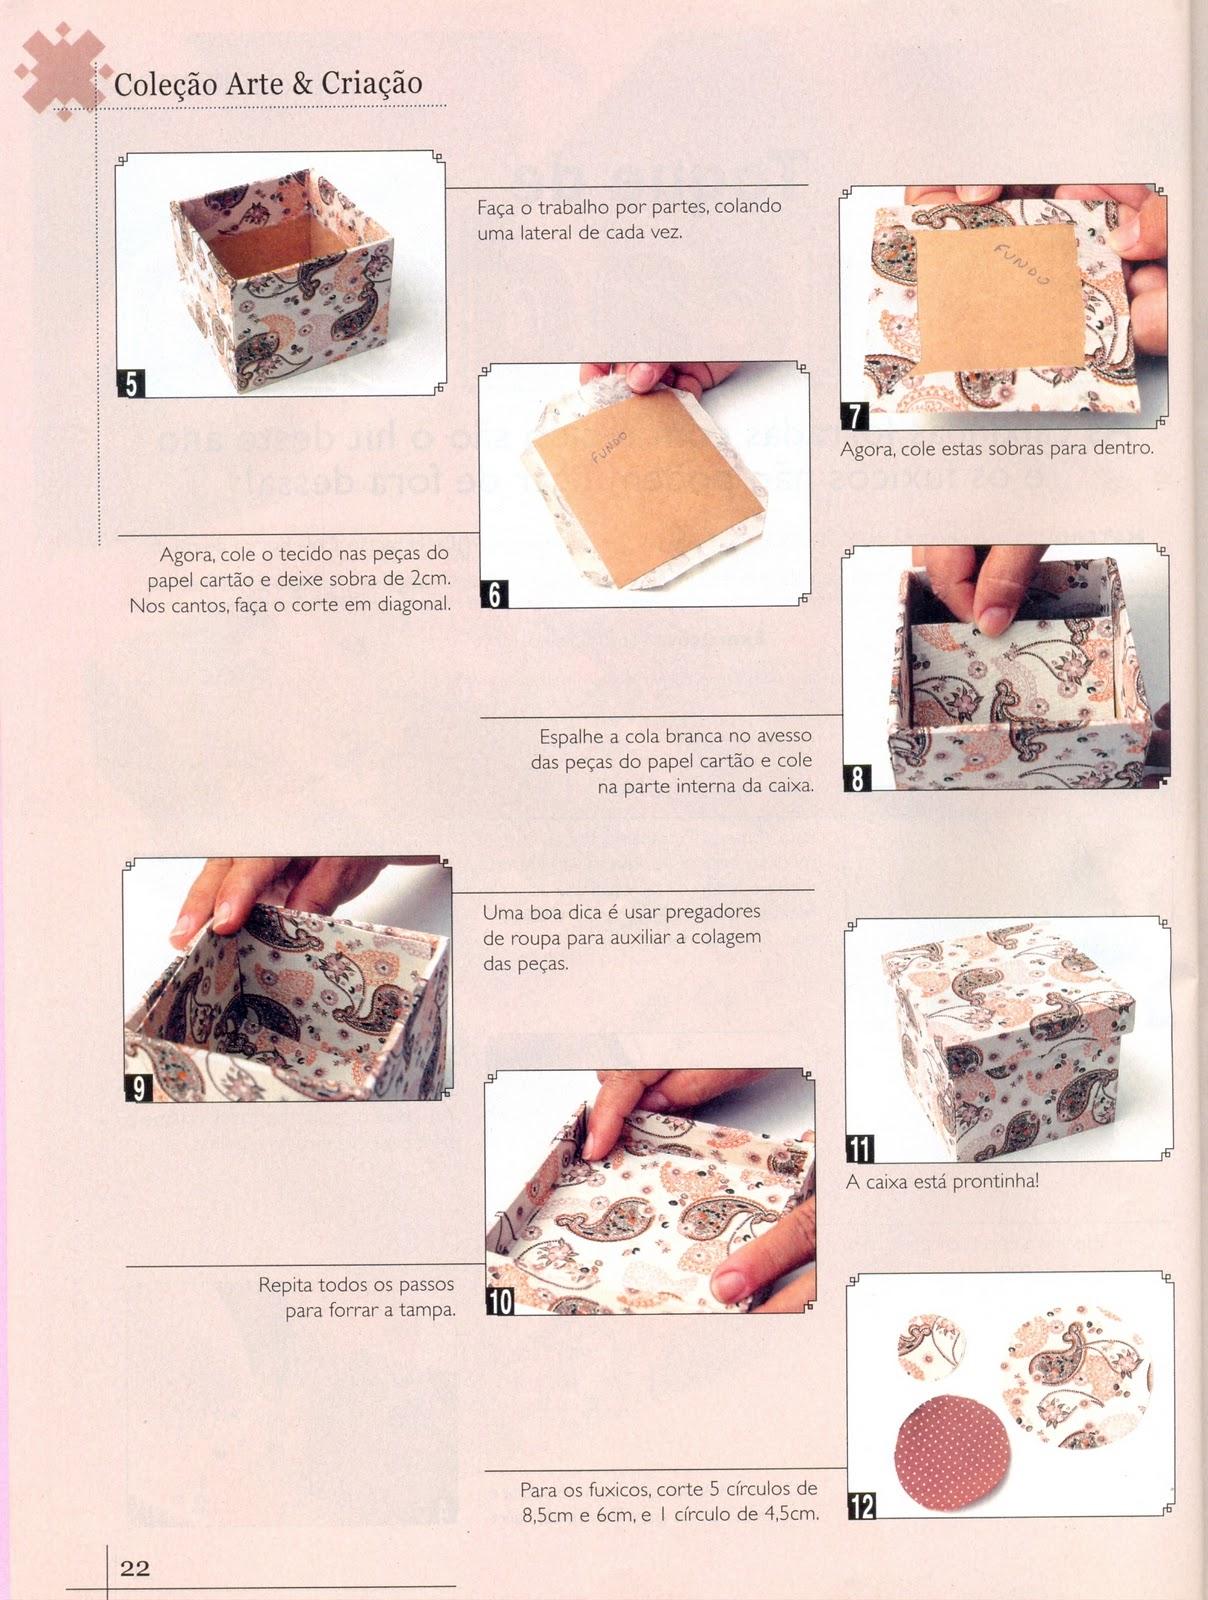 Postando Sobre Artes: pap / tutorial como forrar caixa mdf com tecido #A85823 1208x1600